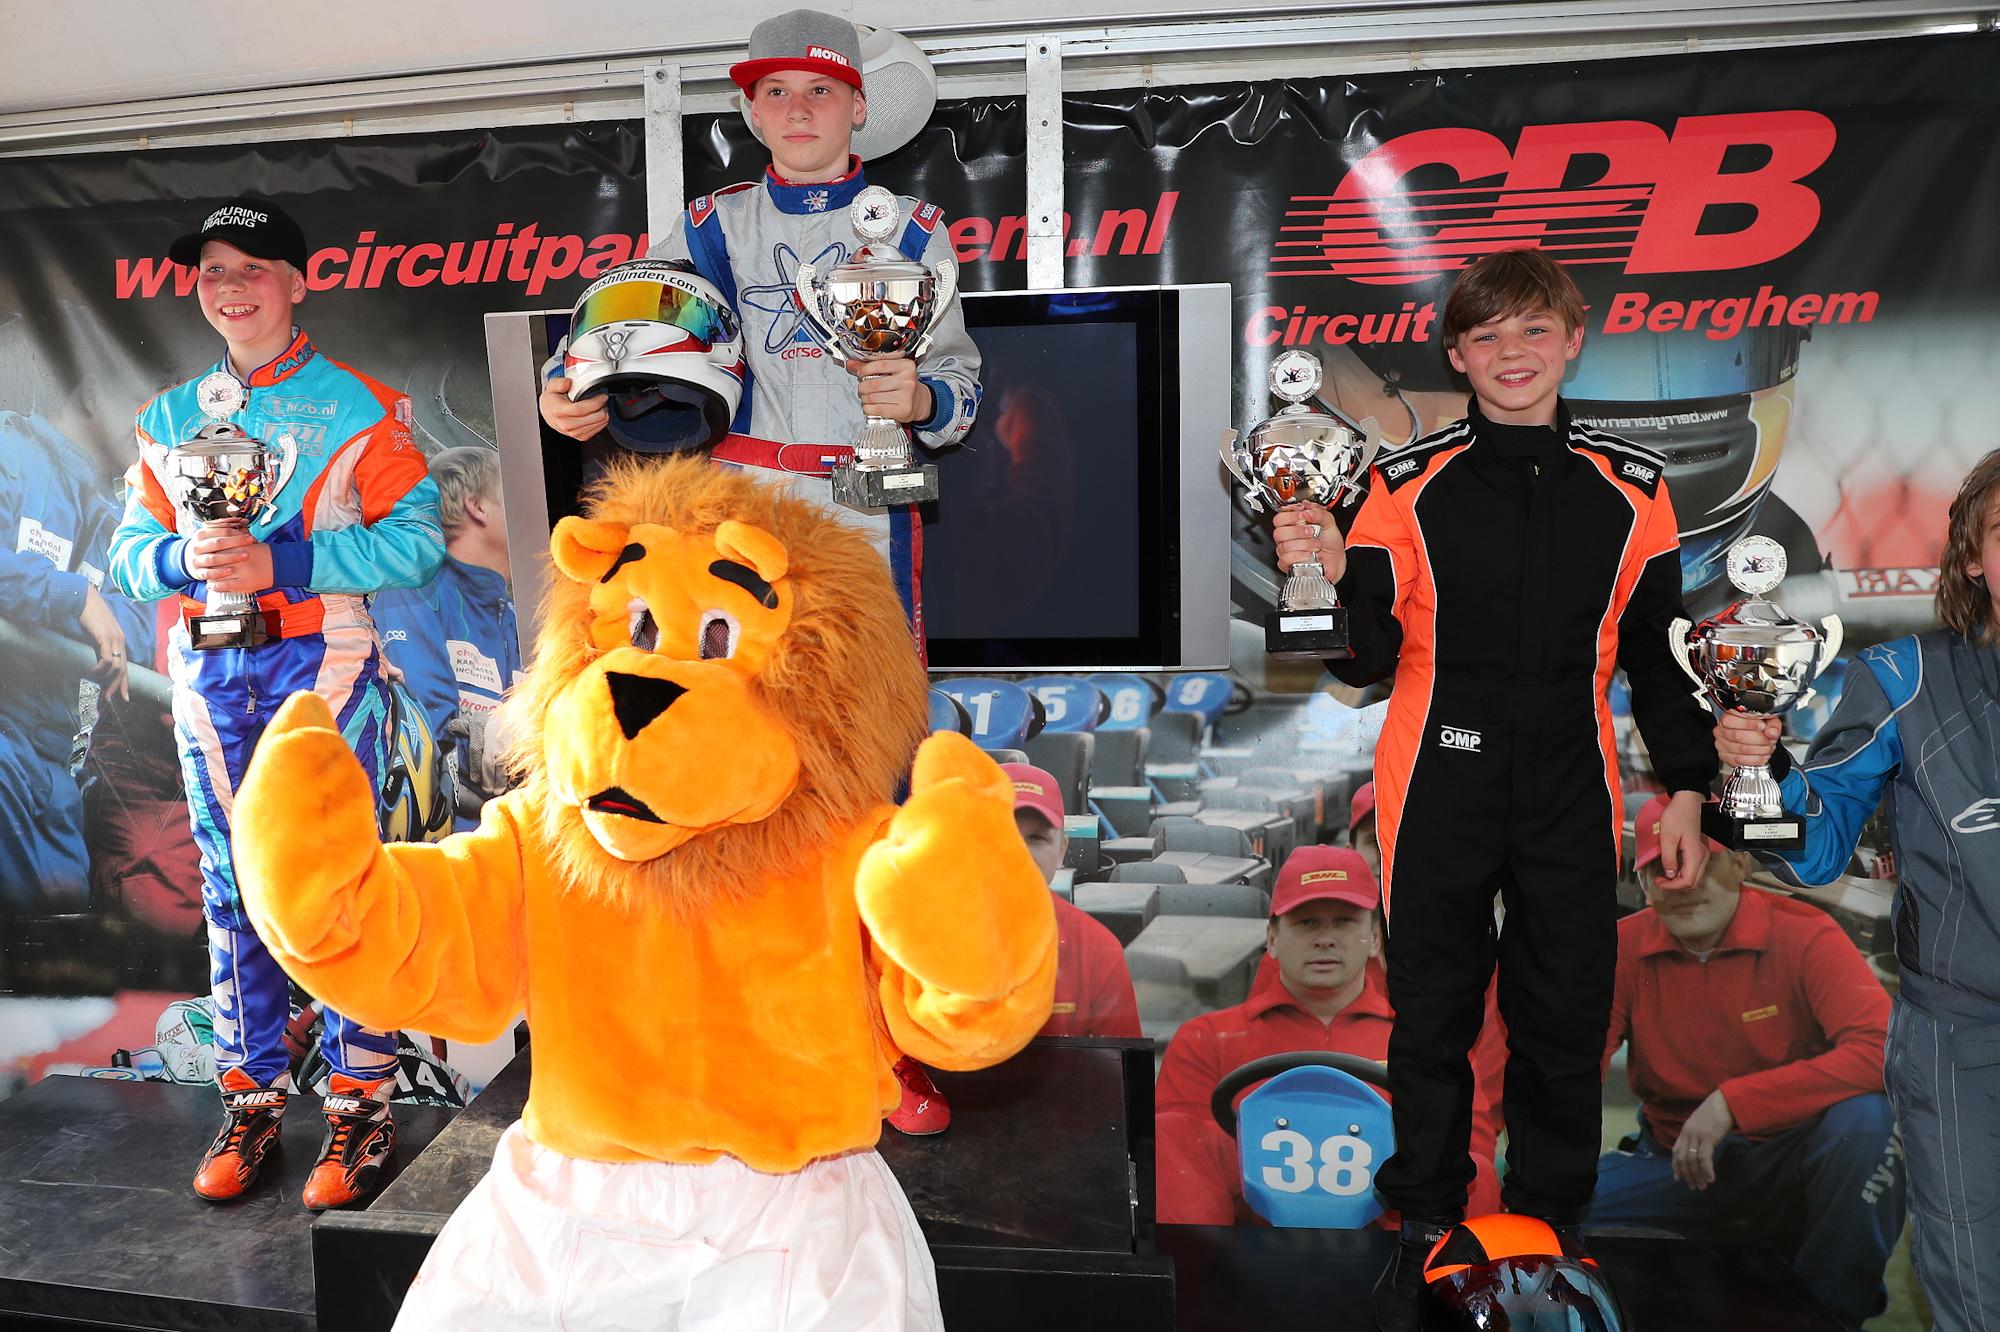 De dertienjarige Dominique Muller uit Beverwijk (geheel rechts) wordt derde op het NK 4takt karten. (foto aangeleverd)